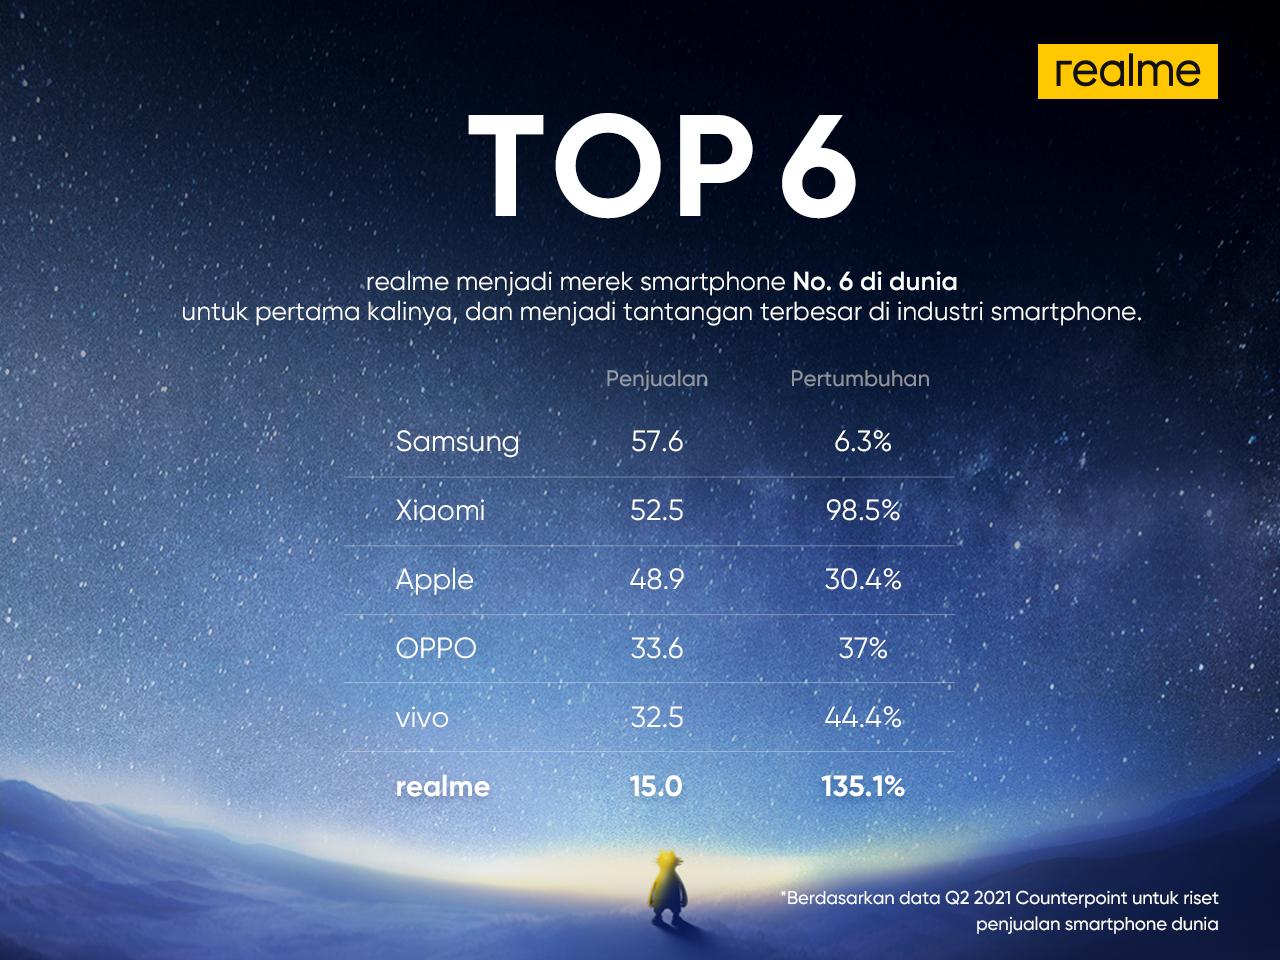 Realme Capai Peringkat 6 Dunia dalam 3 Tahun